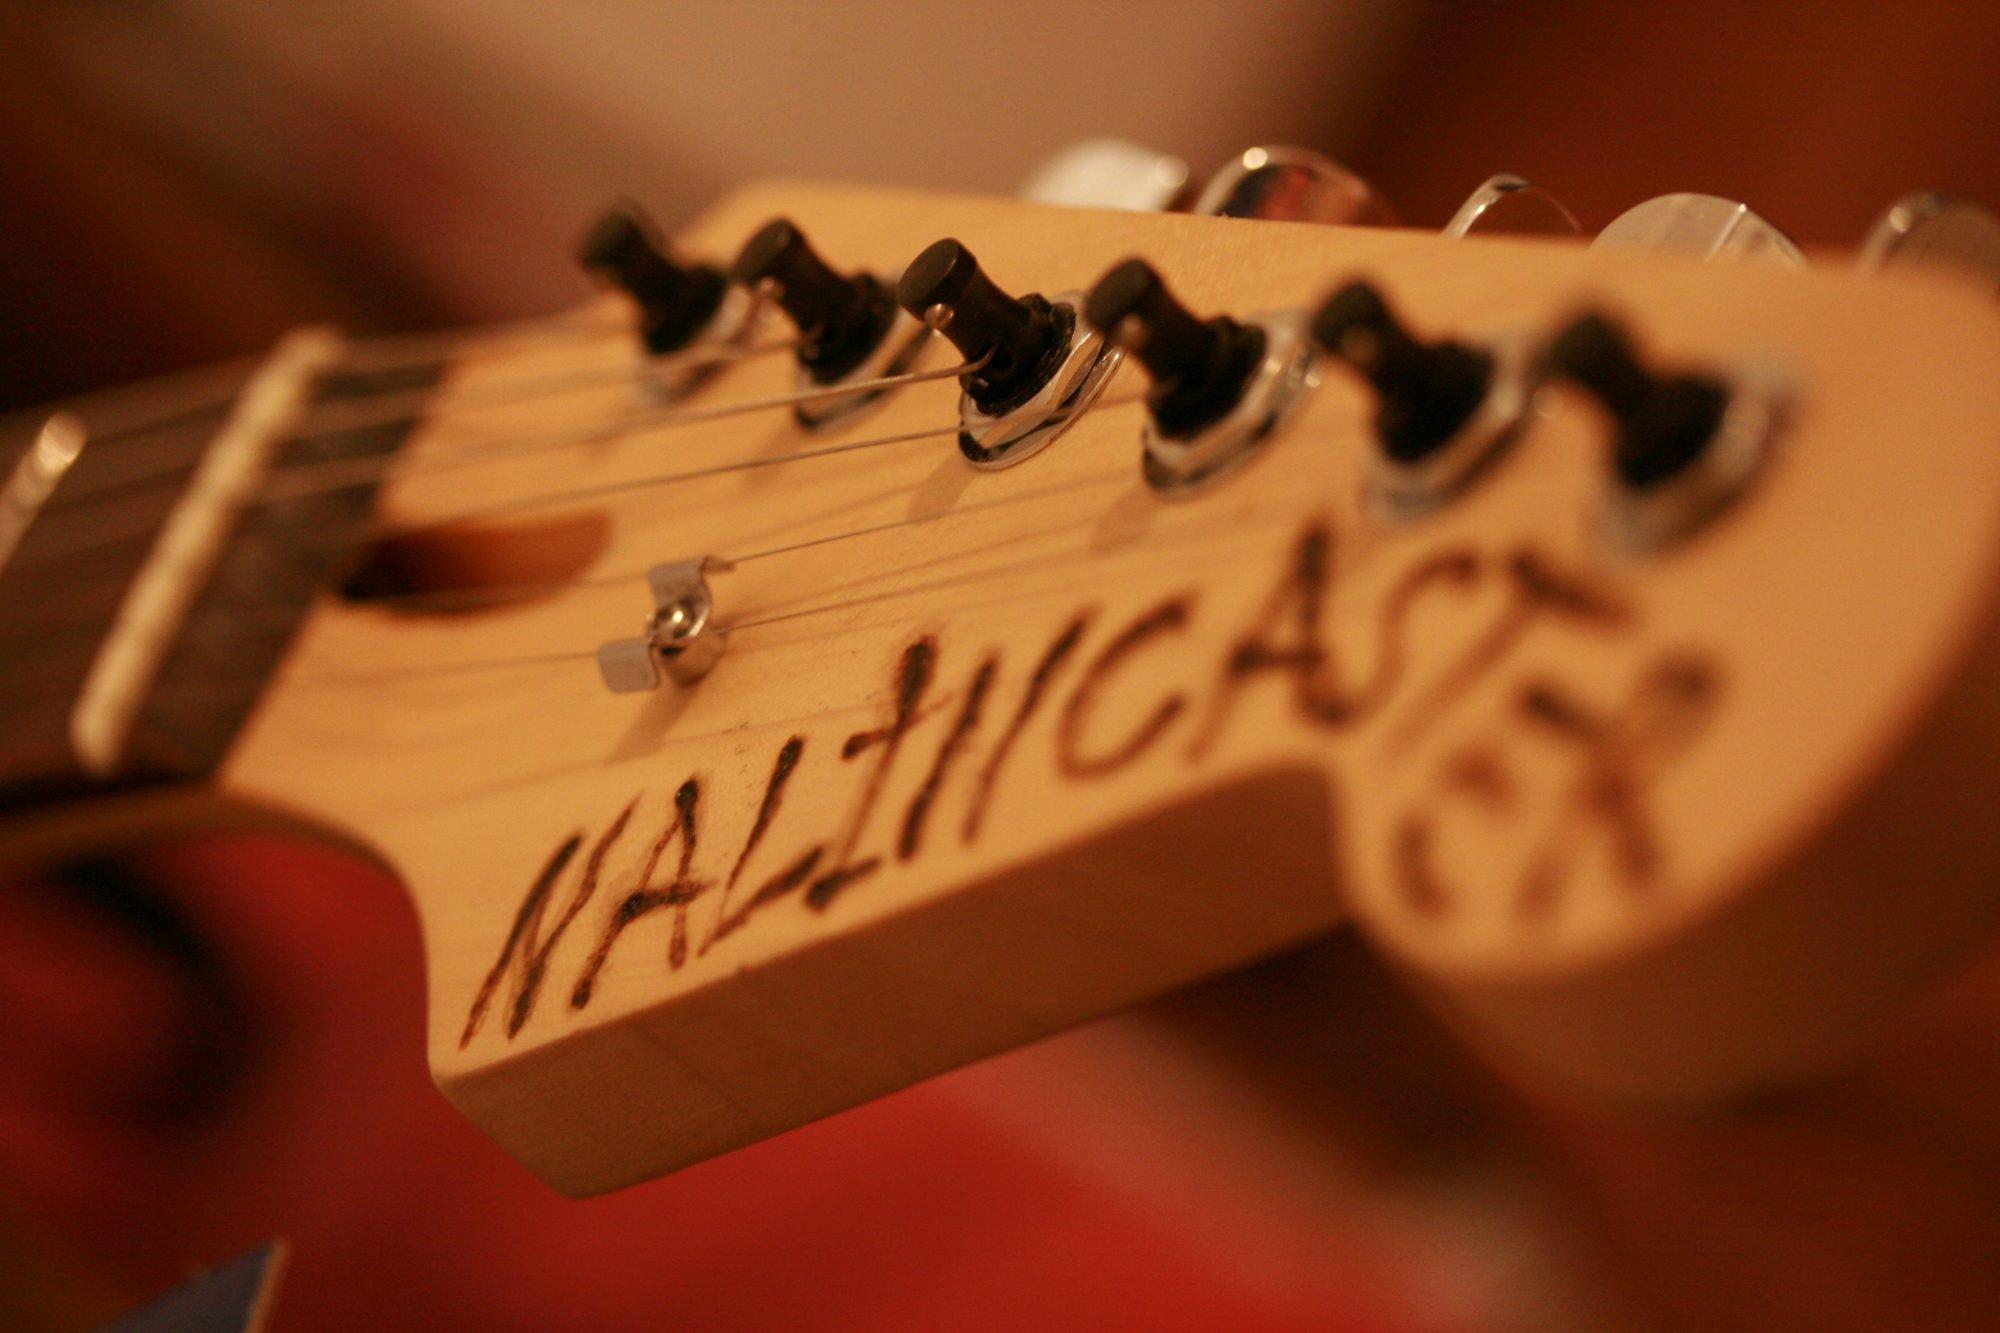 La mia chitarra unica al mondo